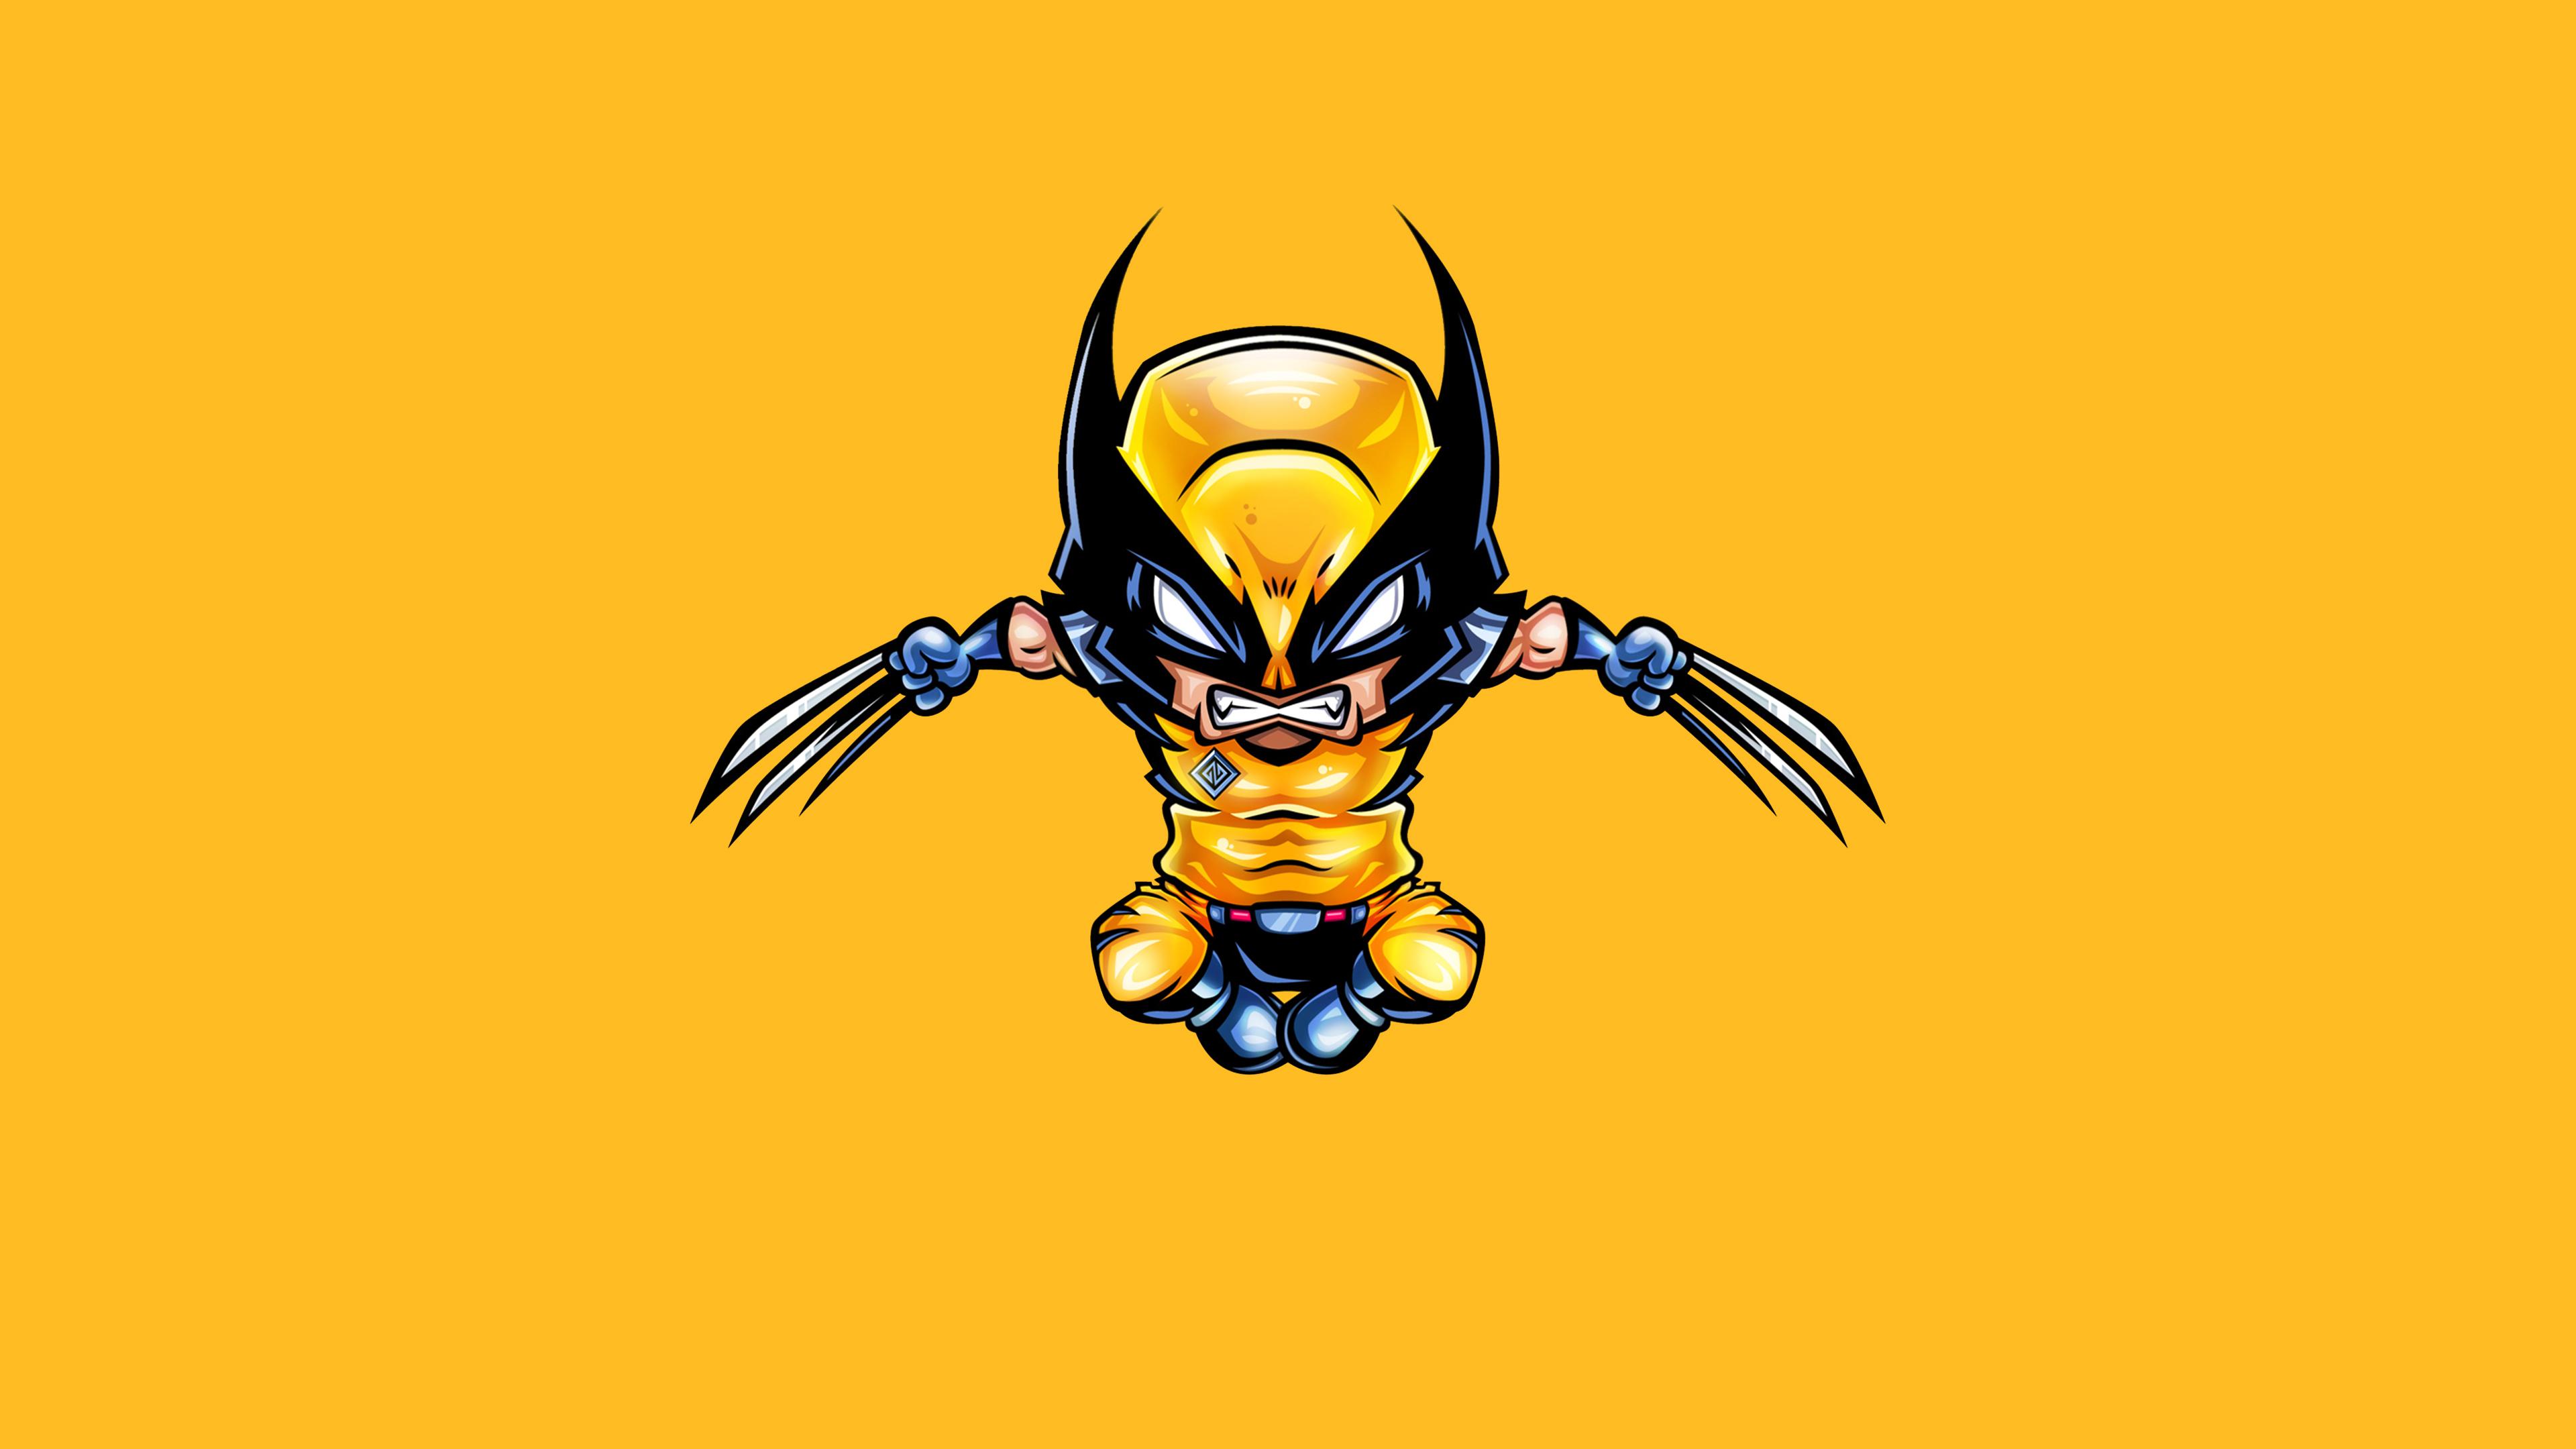 Wolverine Minimal 4k Hd Superheroes 4k Wallpapers Images